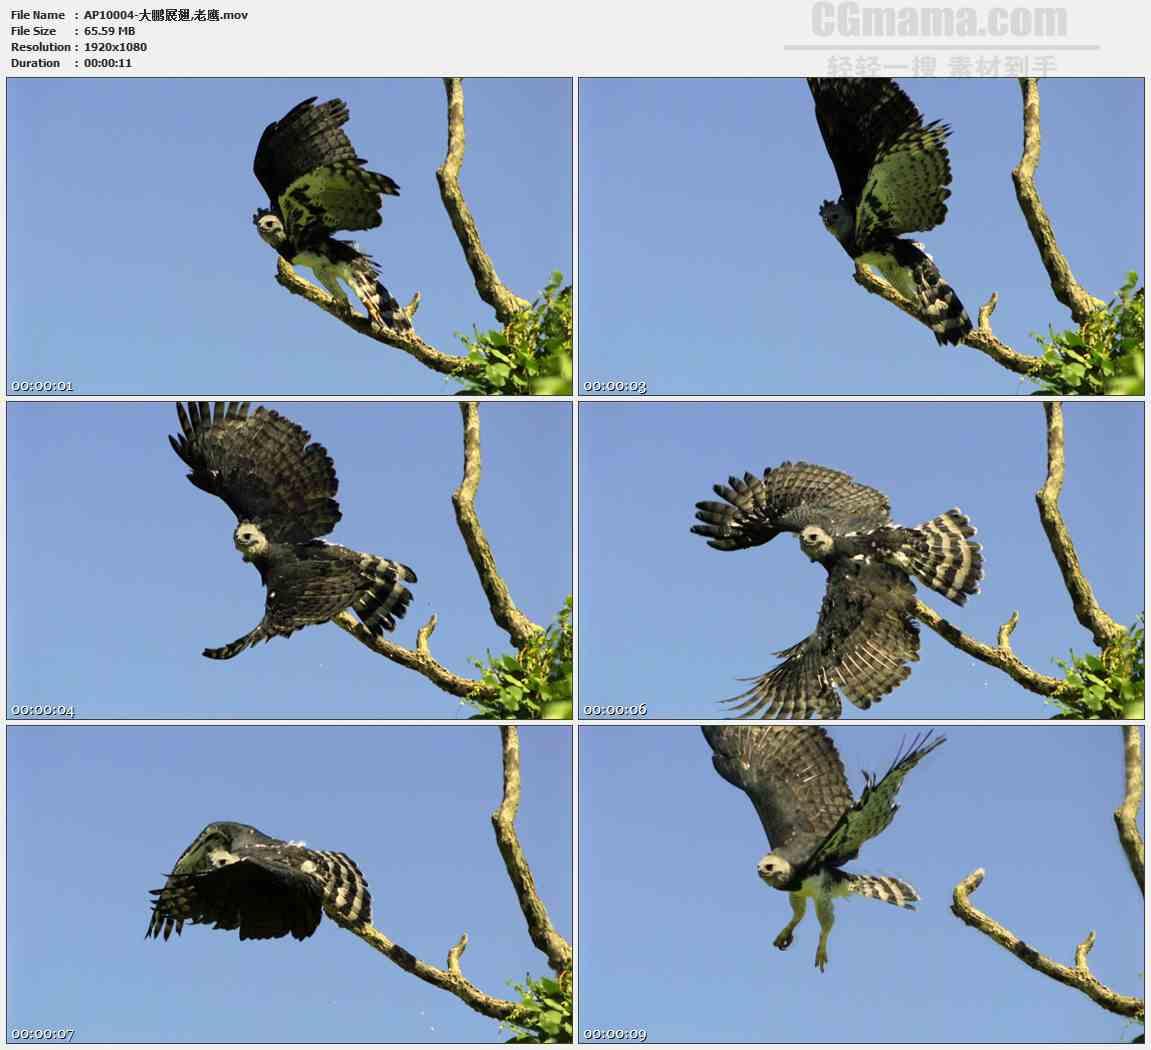 AP10004-老鹰展翅飞舞慢动作高清实拍视频素材